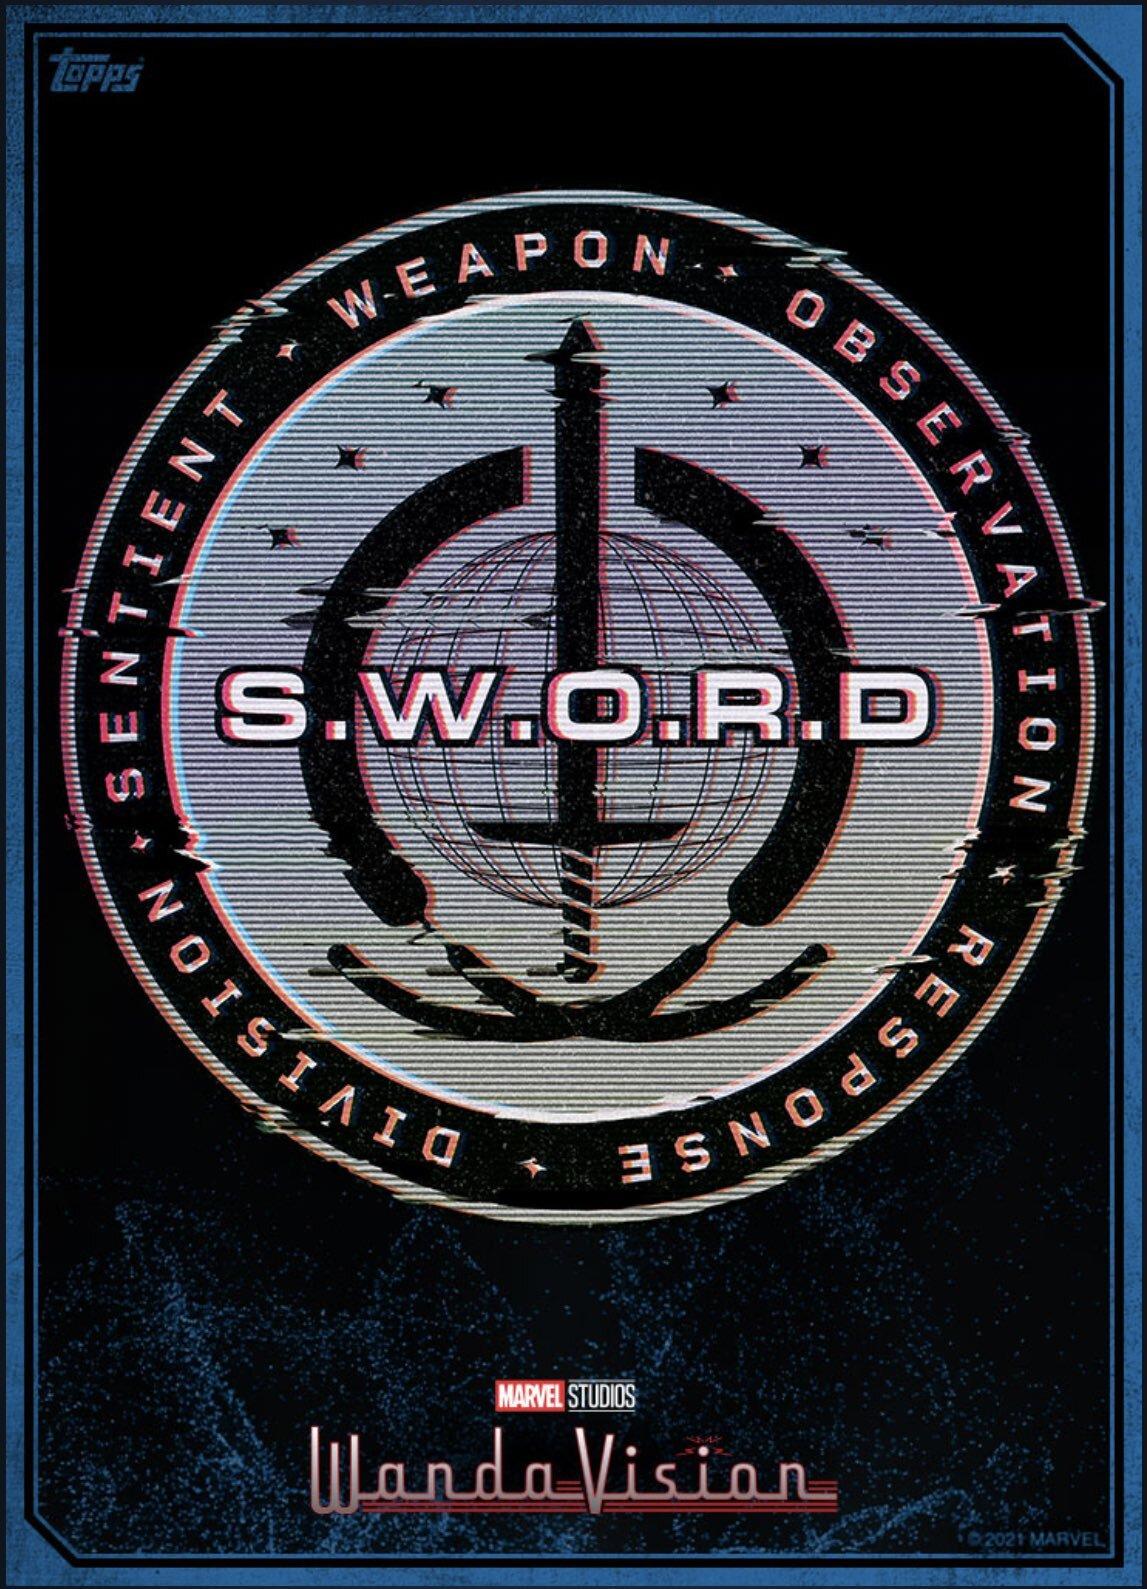 sword sentient weapon observation response division wandavision - S.W.O.R.D. da Marvel nos quadrinhos tem nome e significado diferente em WandaVision